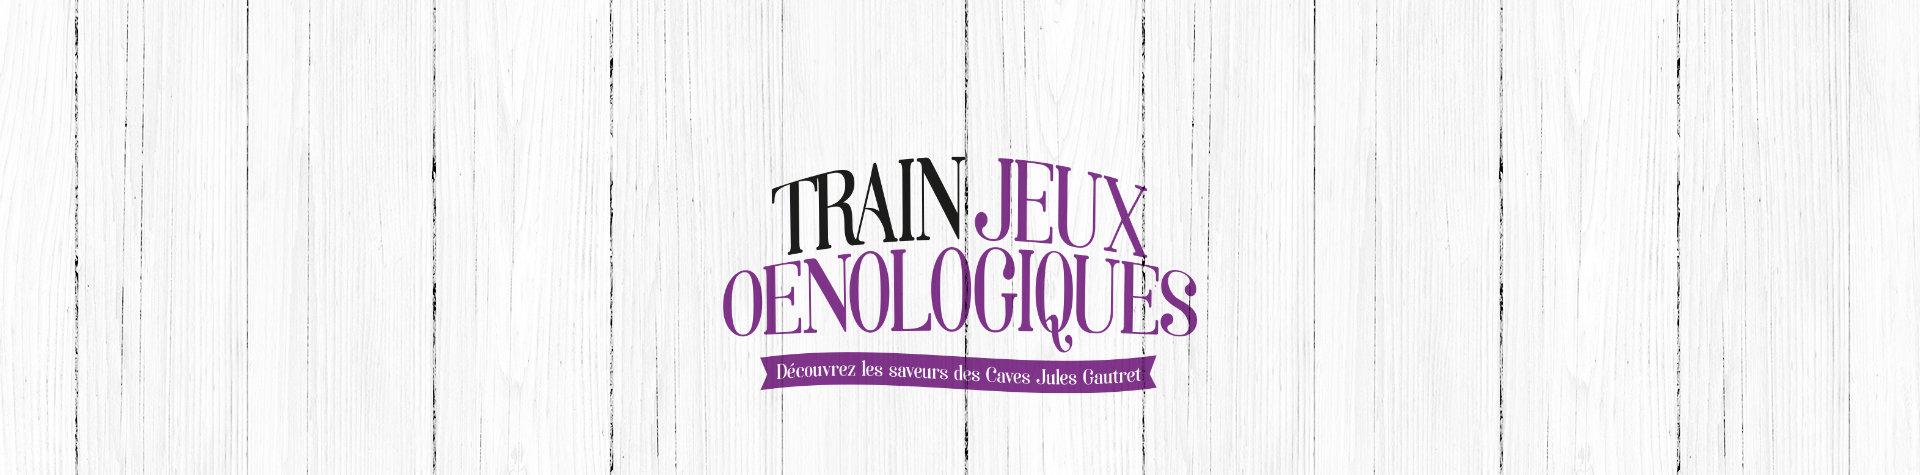 Train jeux oenologiques